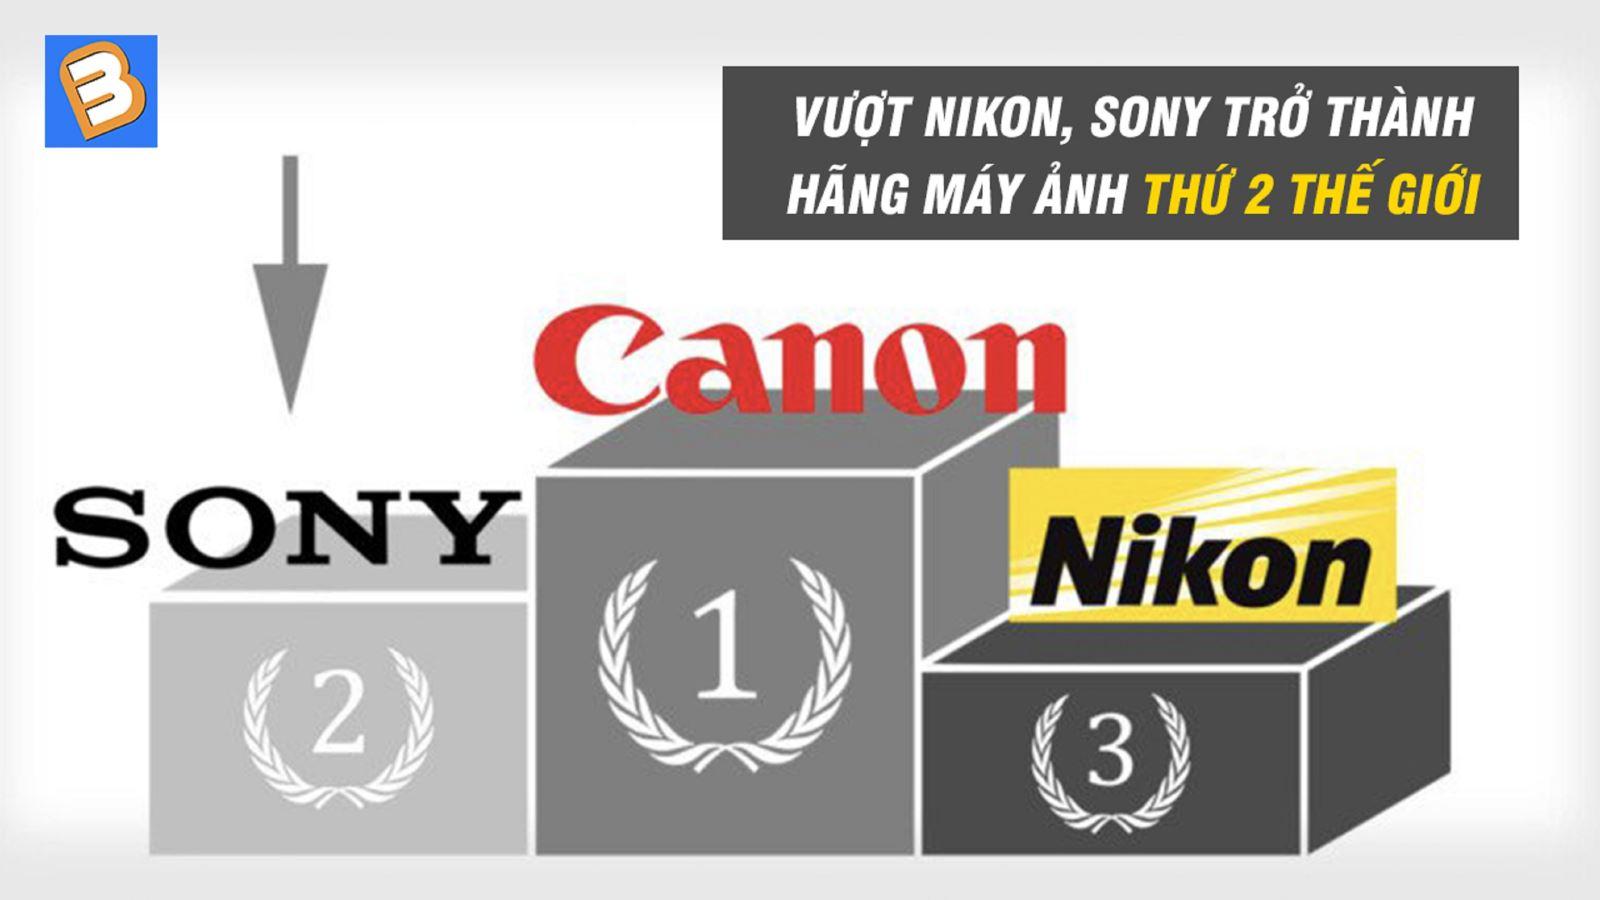 Vượt Nikon, Sonytrở thành hãng máy ảnh thứ 2 thế giới